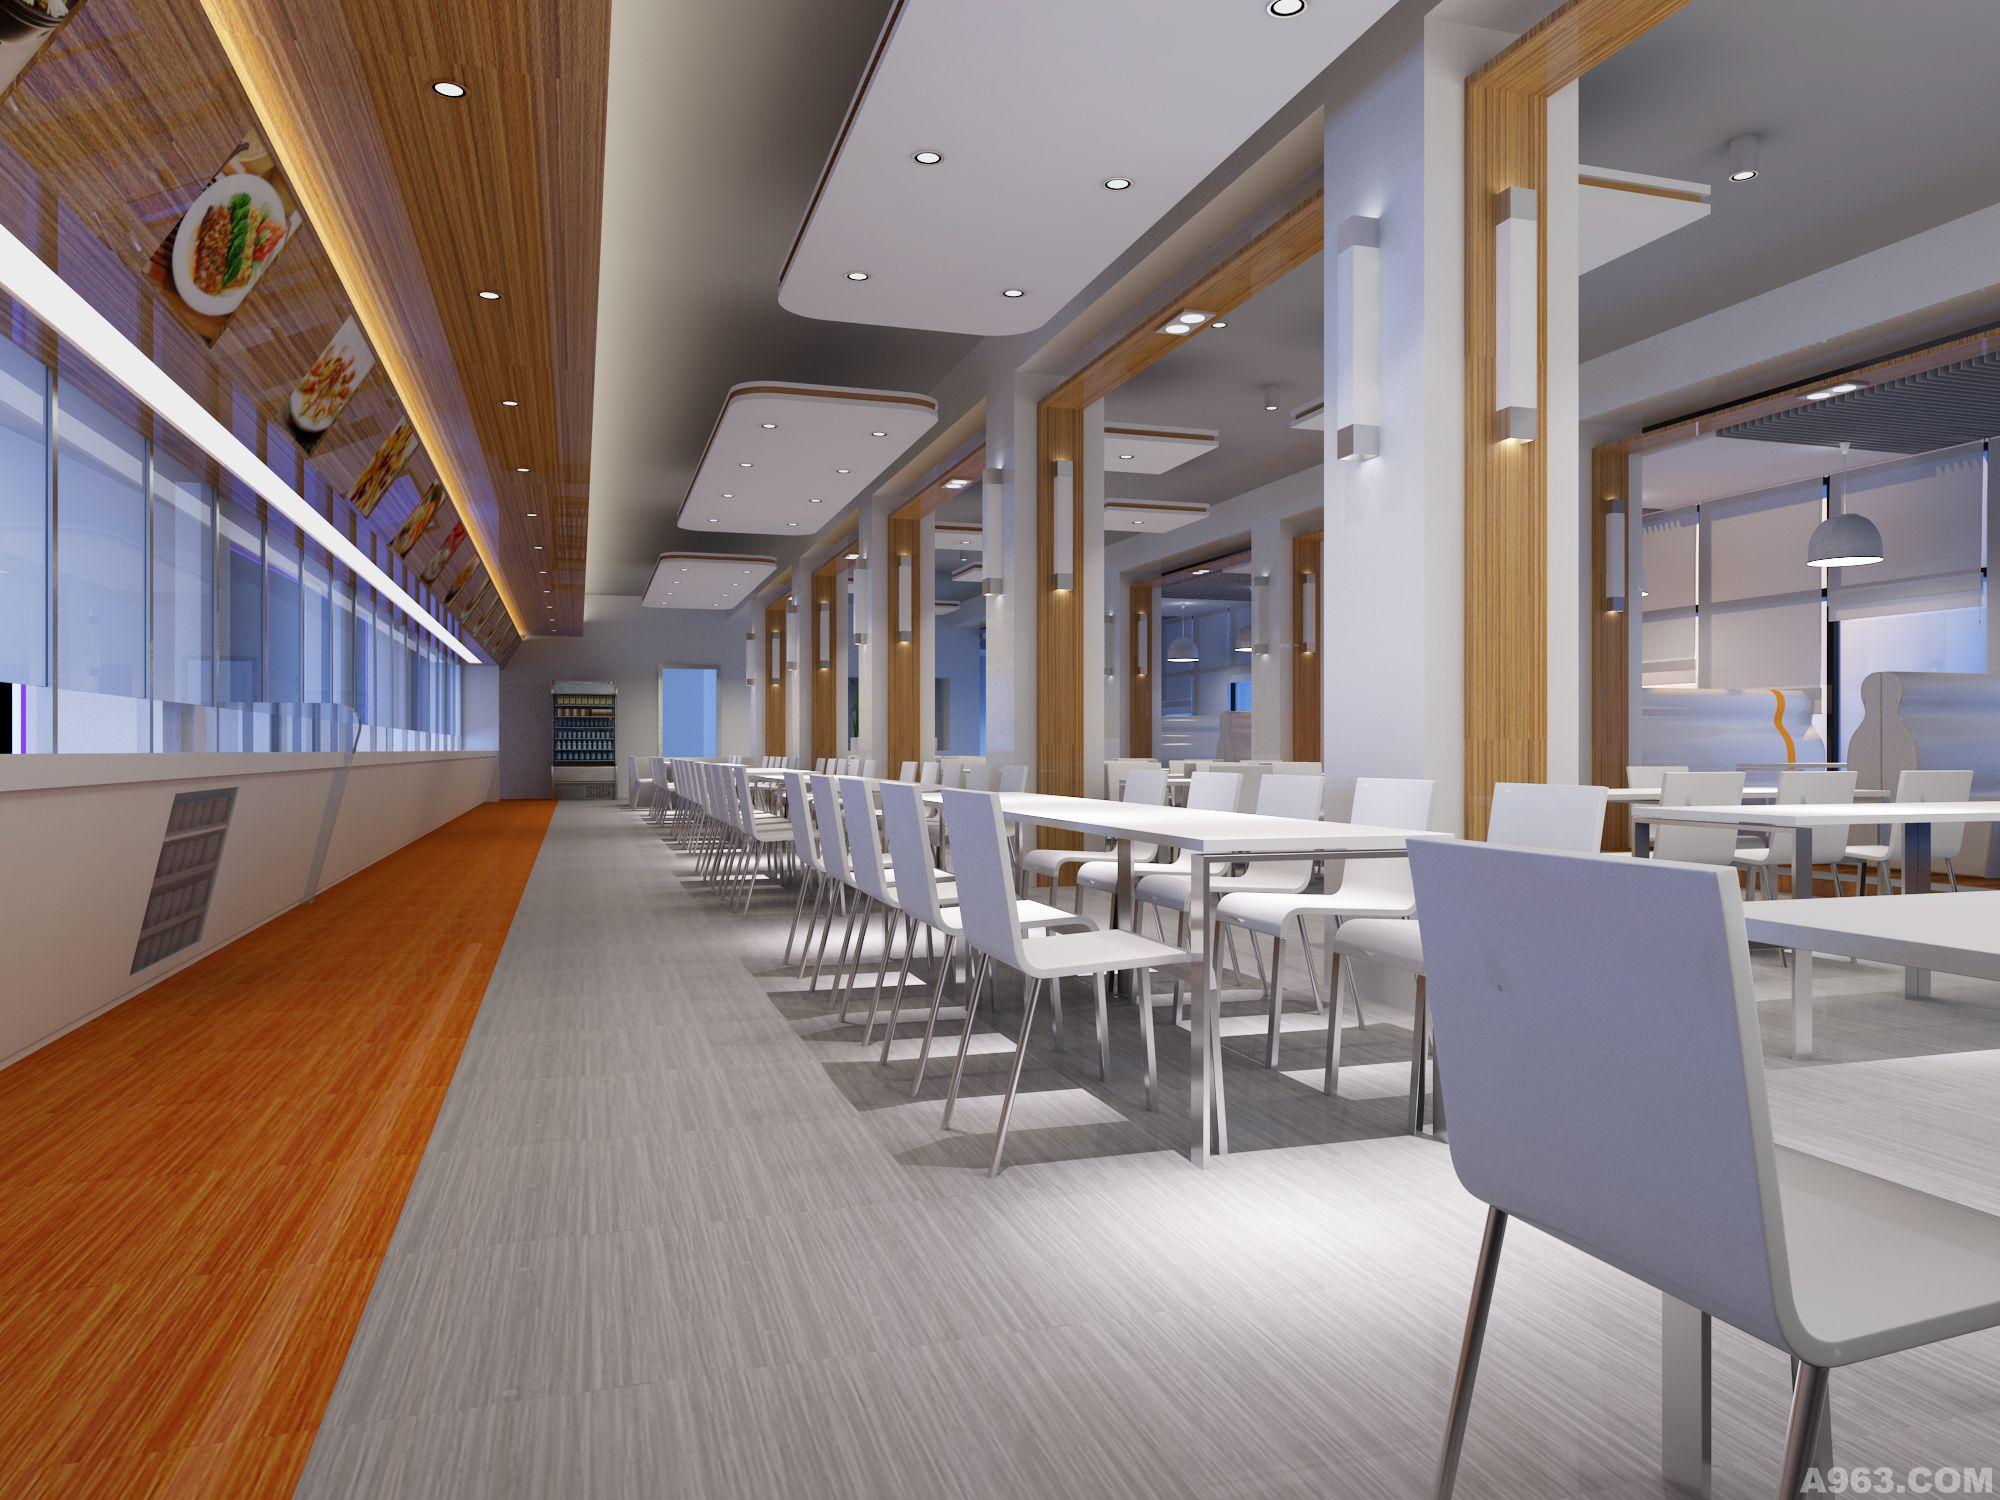 中华室内设计网 作品中心 公共空间 餐饮空间 > 上海弘杰装饰设计工程